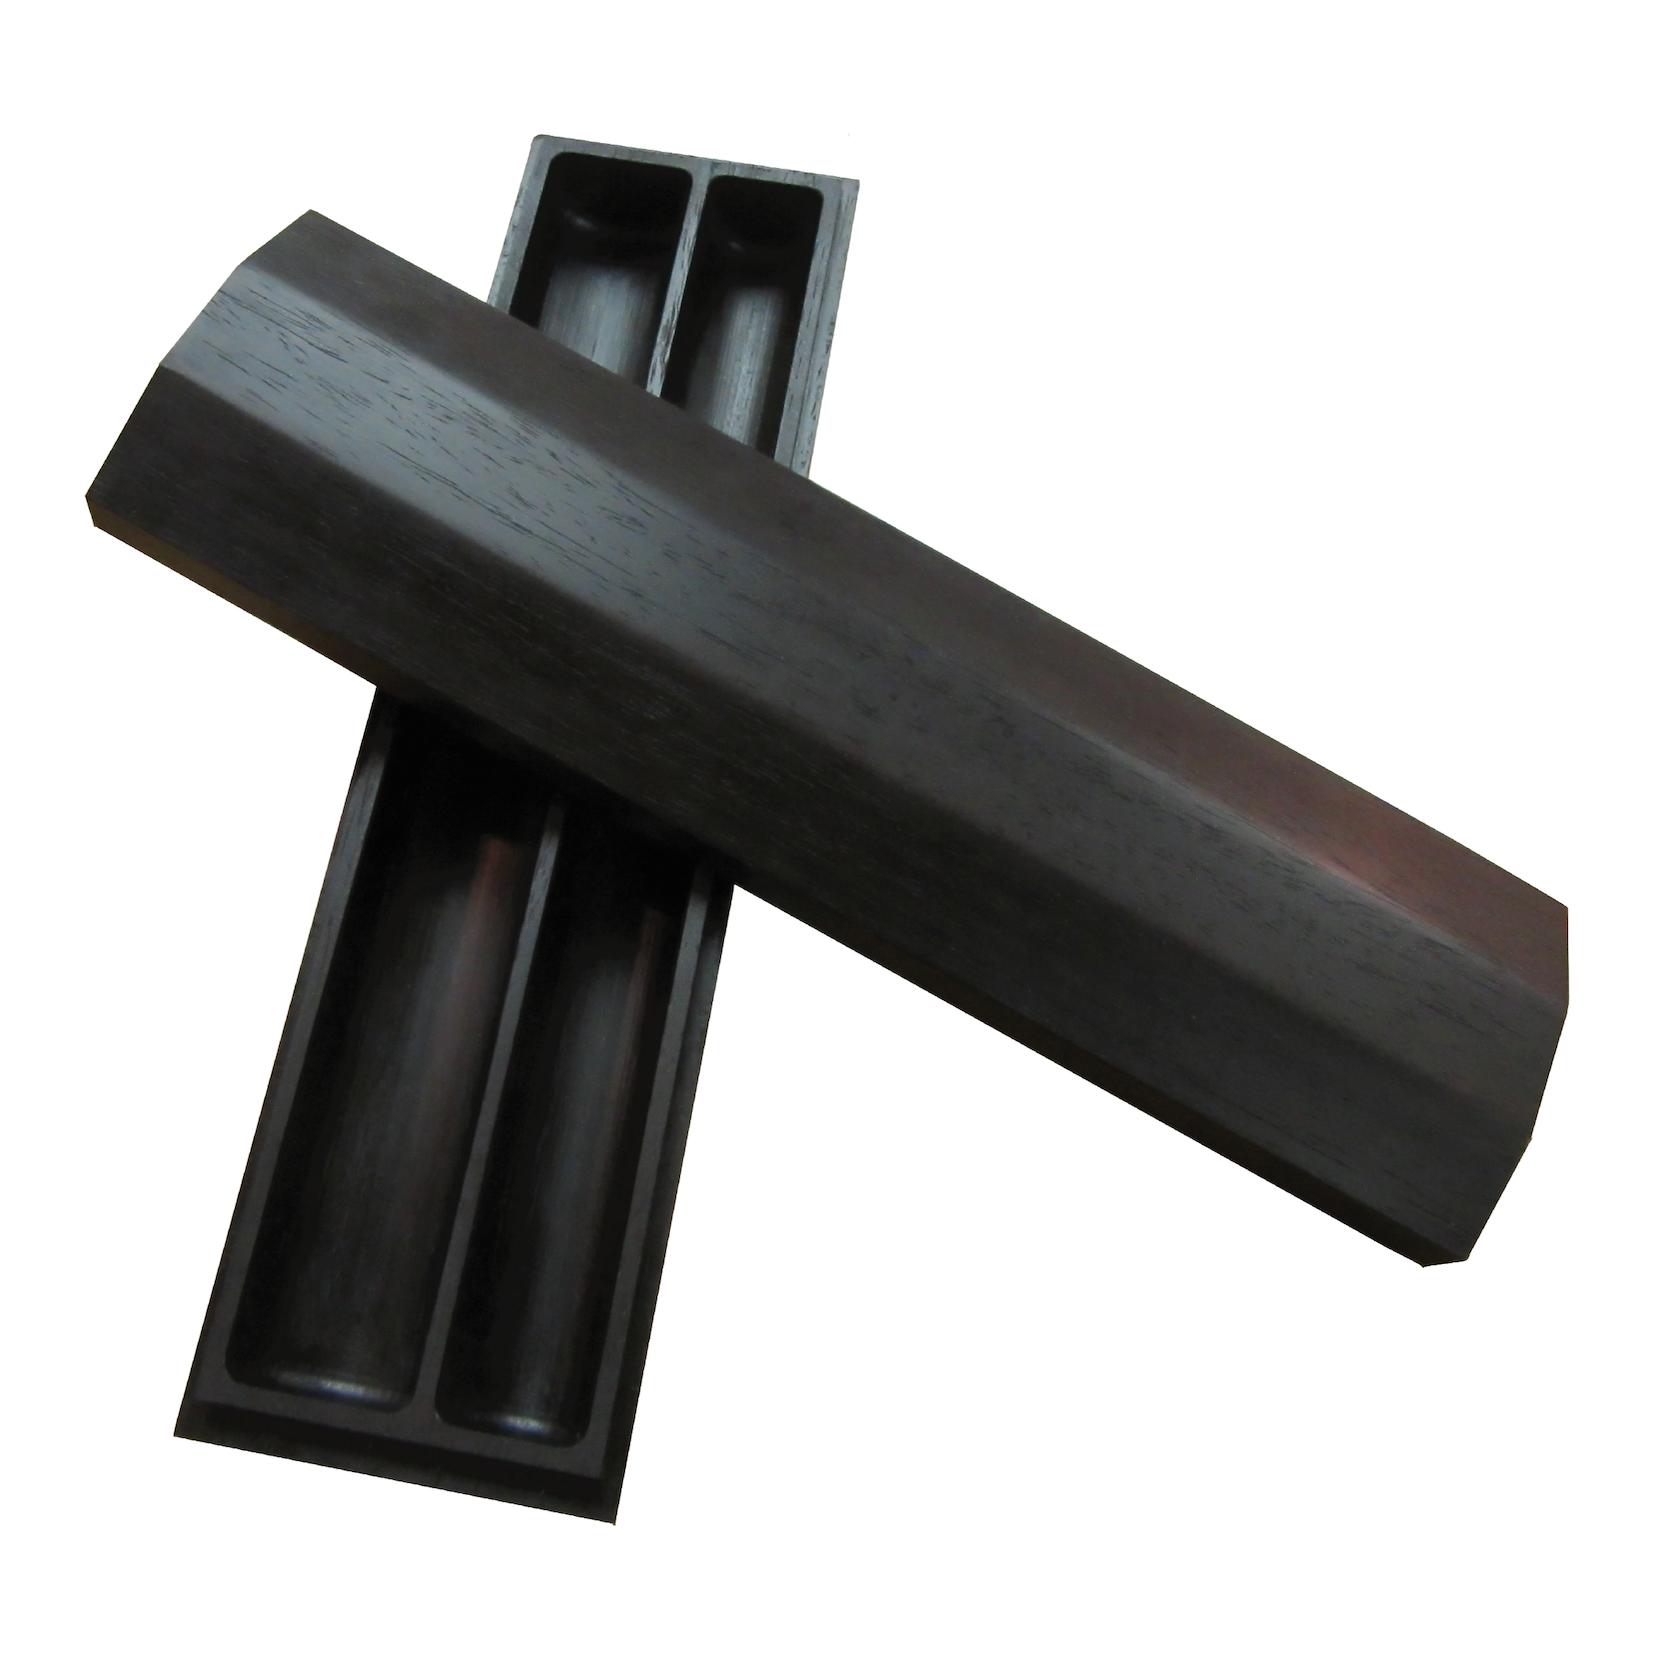 篳篥管箱(紫檀一刀彫り)